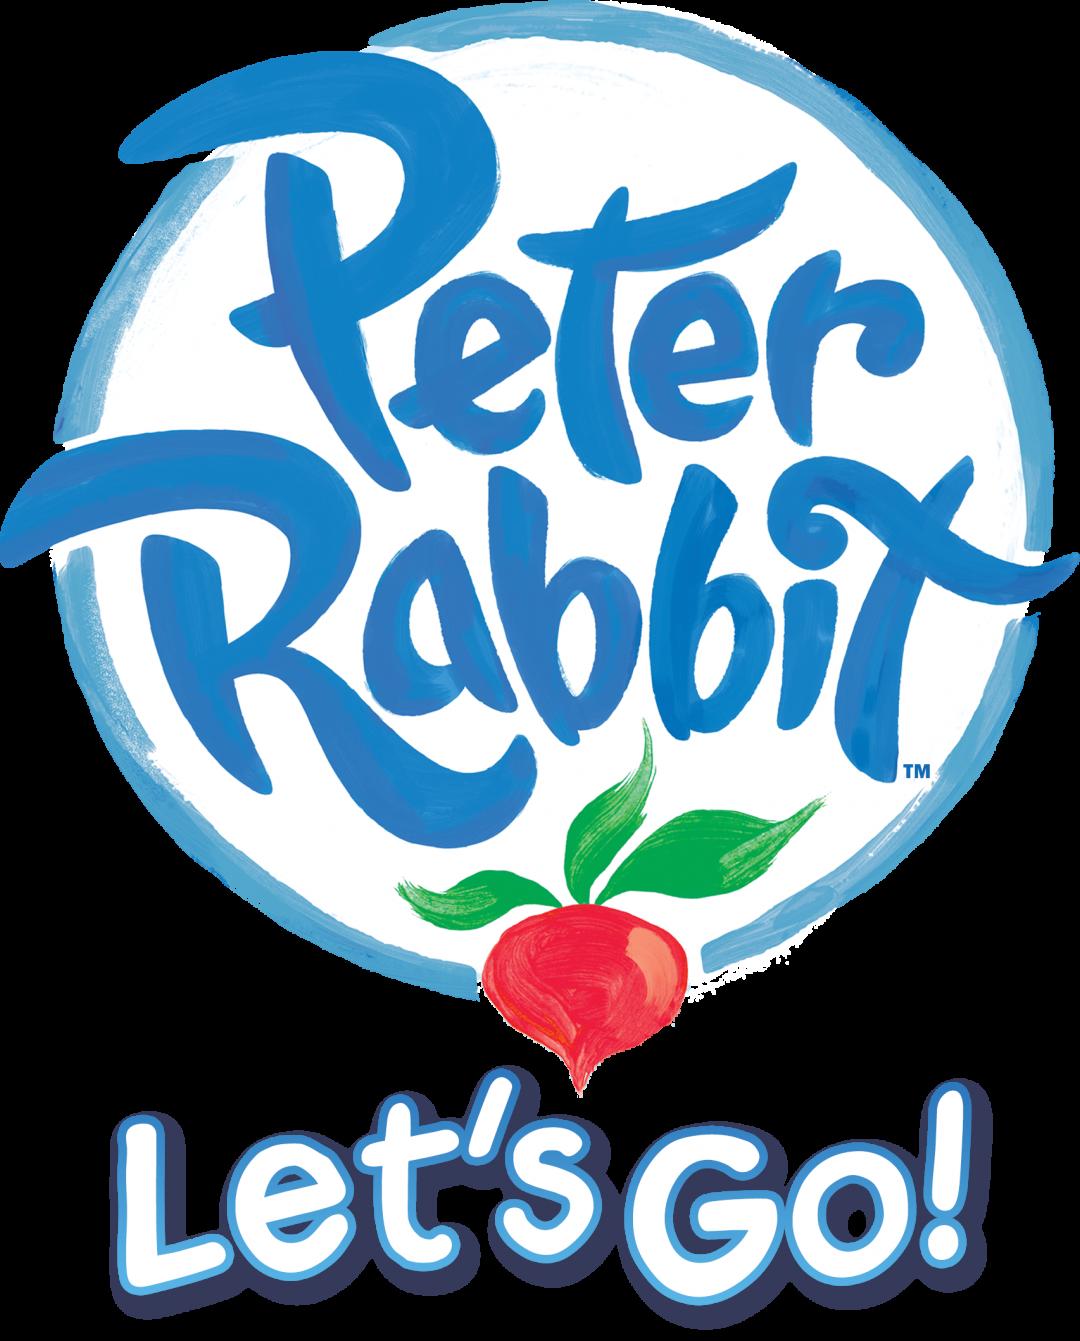 Peter Rabbit: Let's Go! app